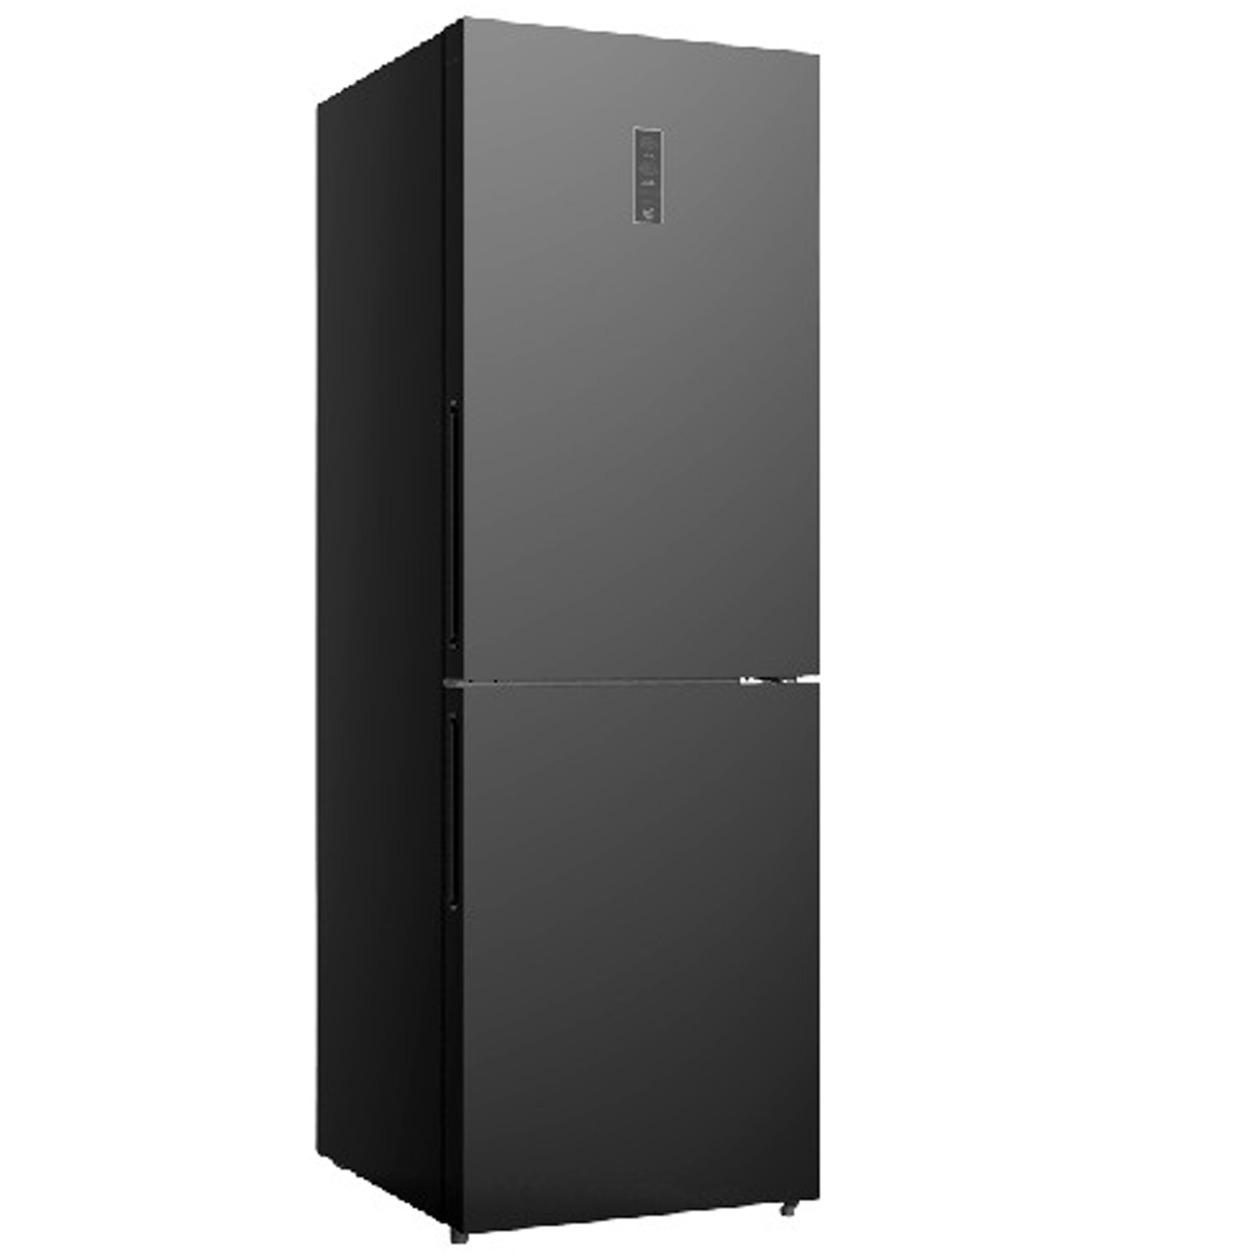 Schneider koelkast met vriesvak SKG 320.4 A+++ NF Black Glass